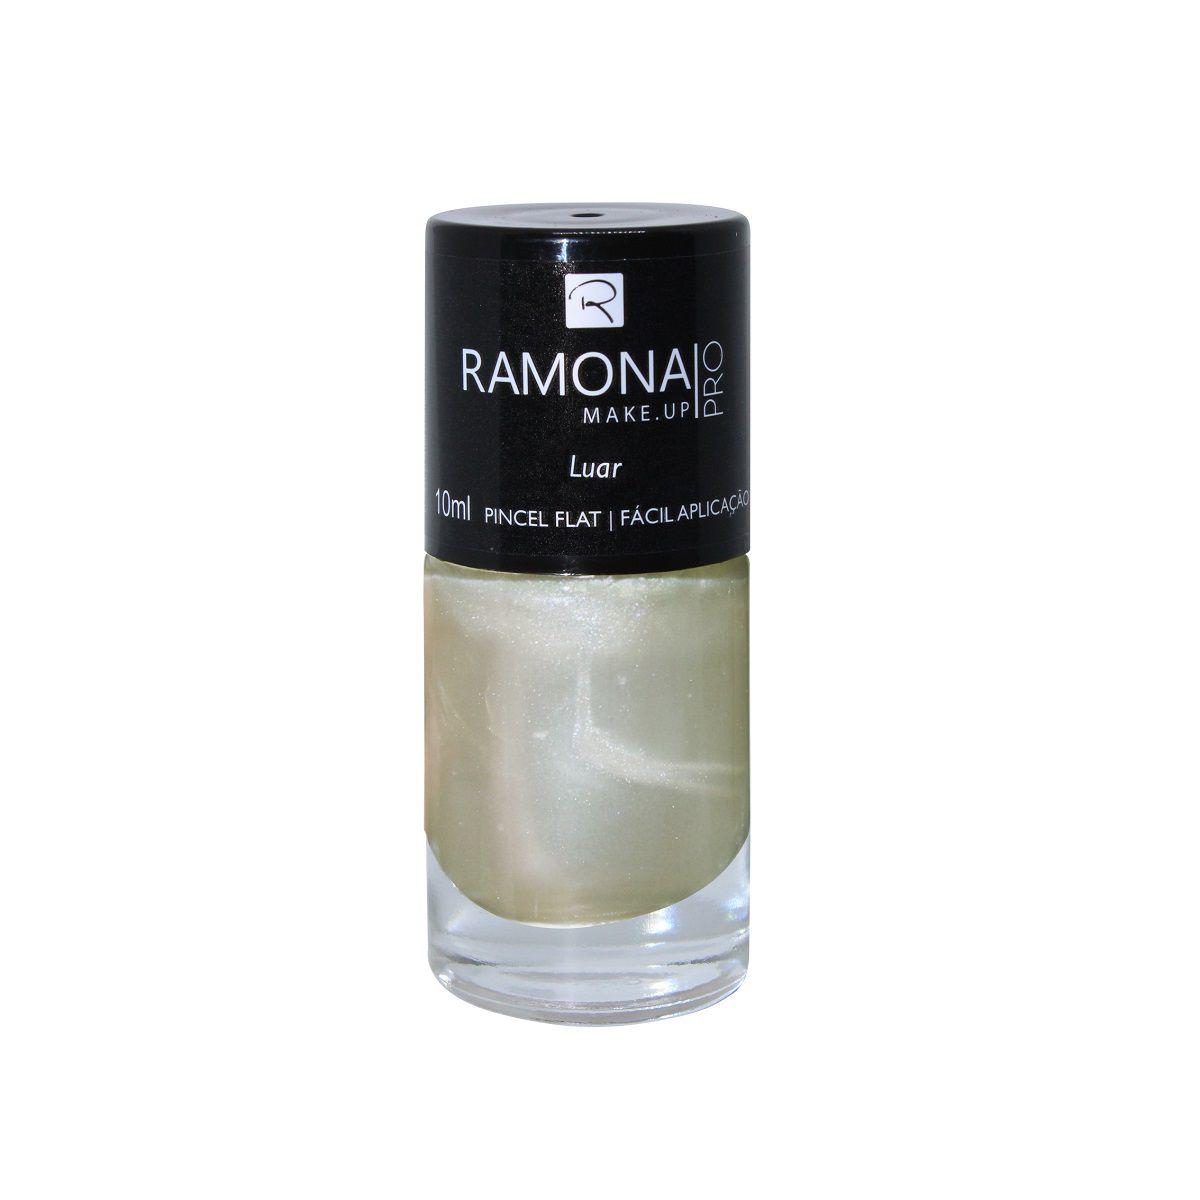 Esmalte cintilante Ramona Cosméticos Luar 10ml